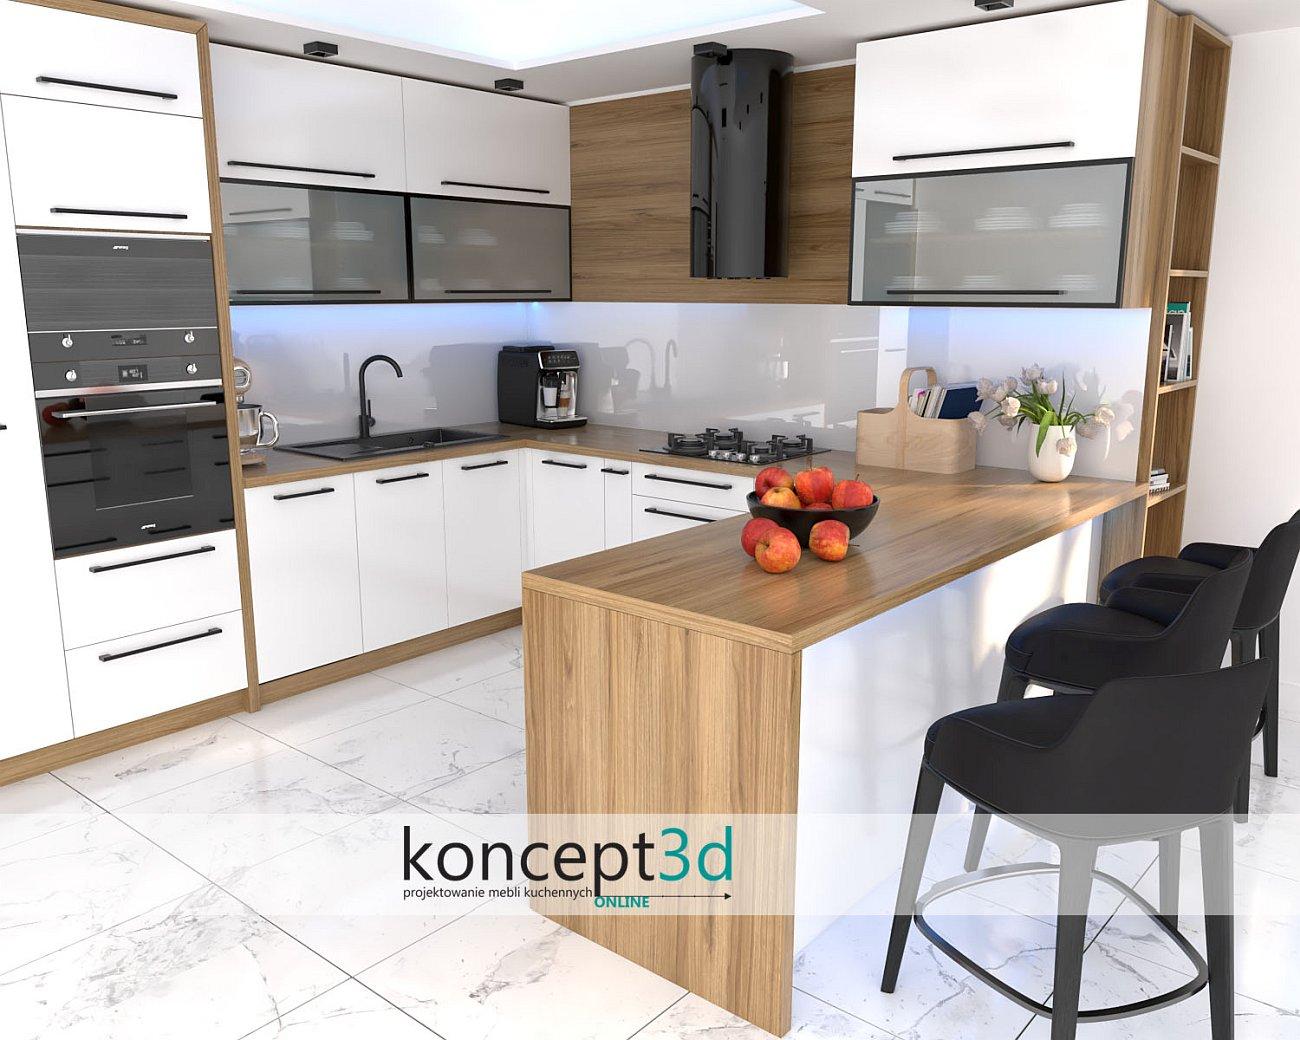 Inspiracja biała kuchnia z blatem D1035 Dąb Pradawny   koncept3d blaty laminowane do kuchni wzory   meble na wymiar Warszawa   czarne ramka aluminiowe